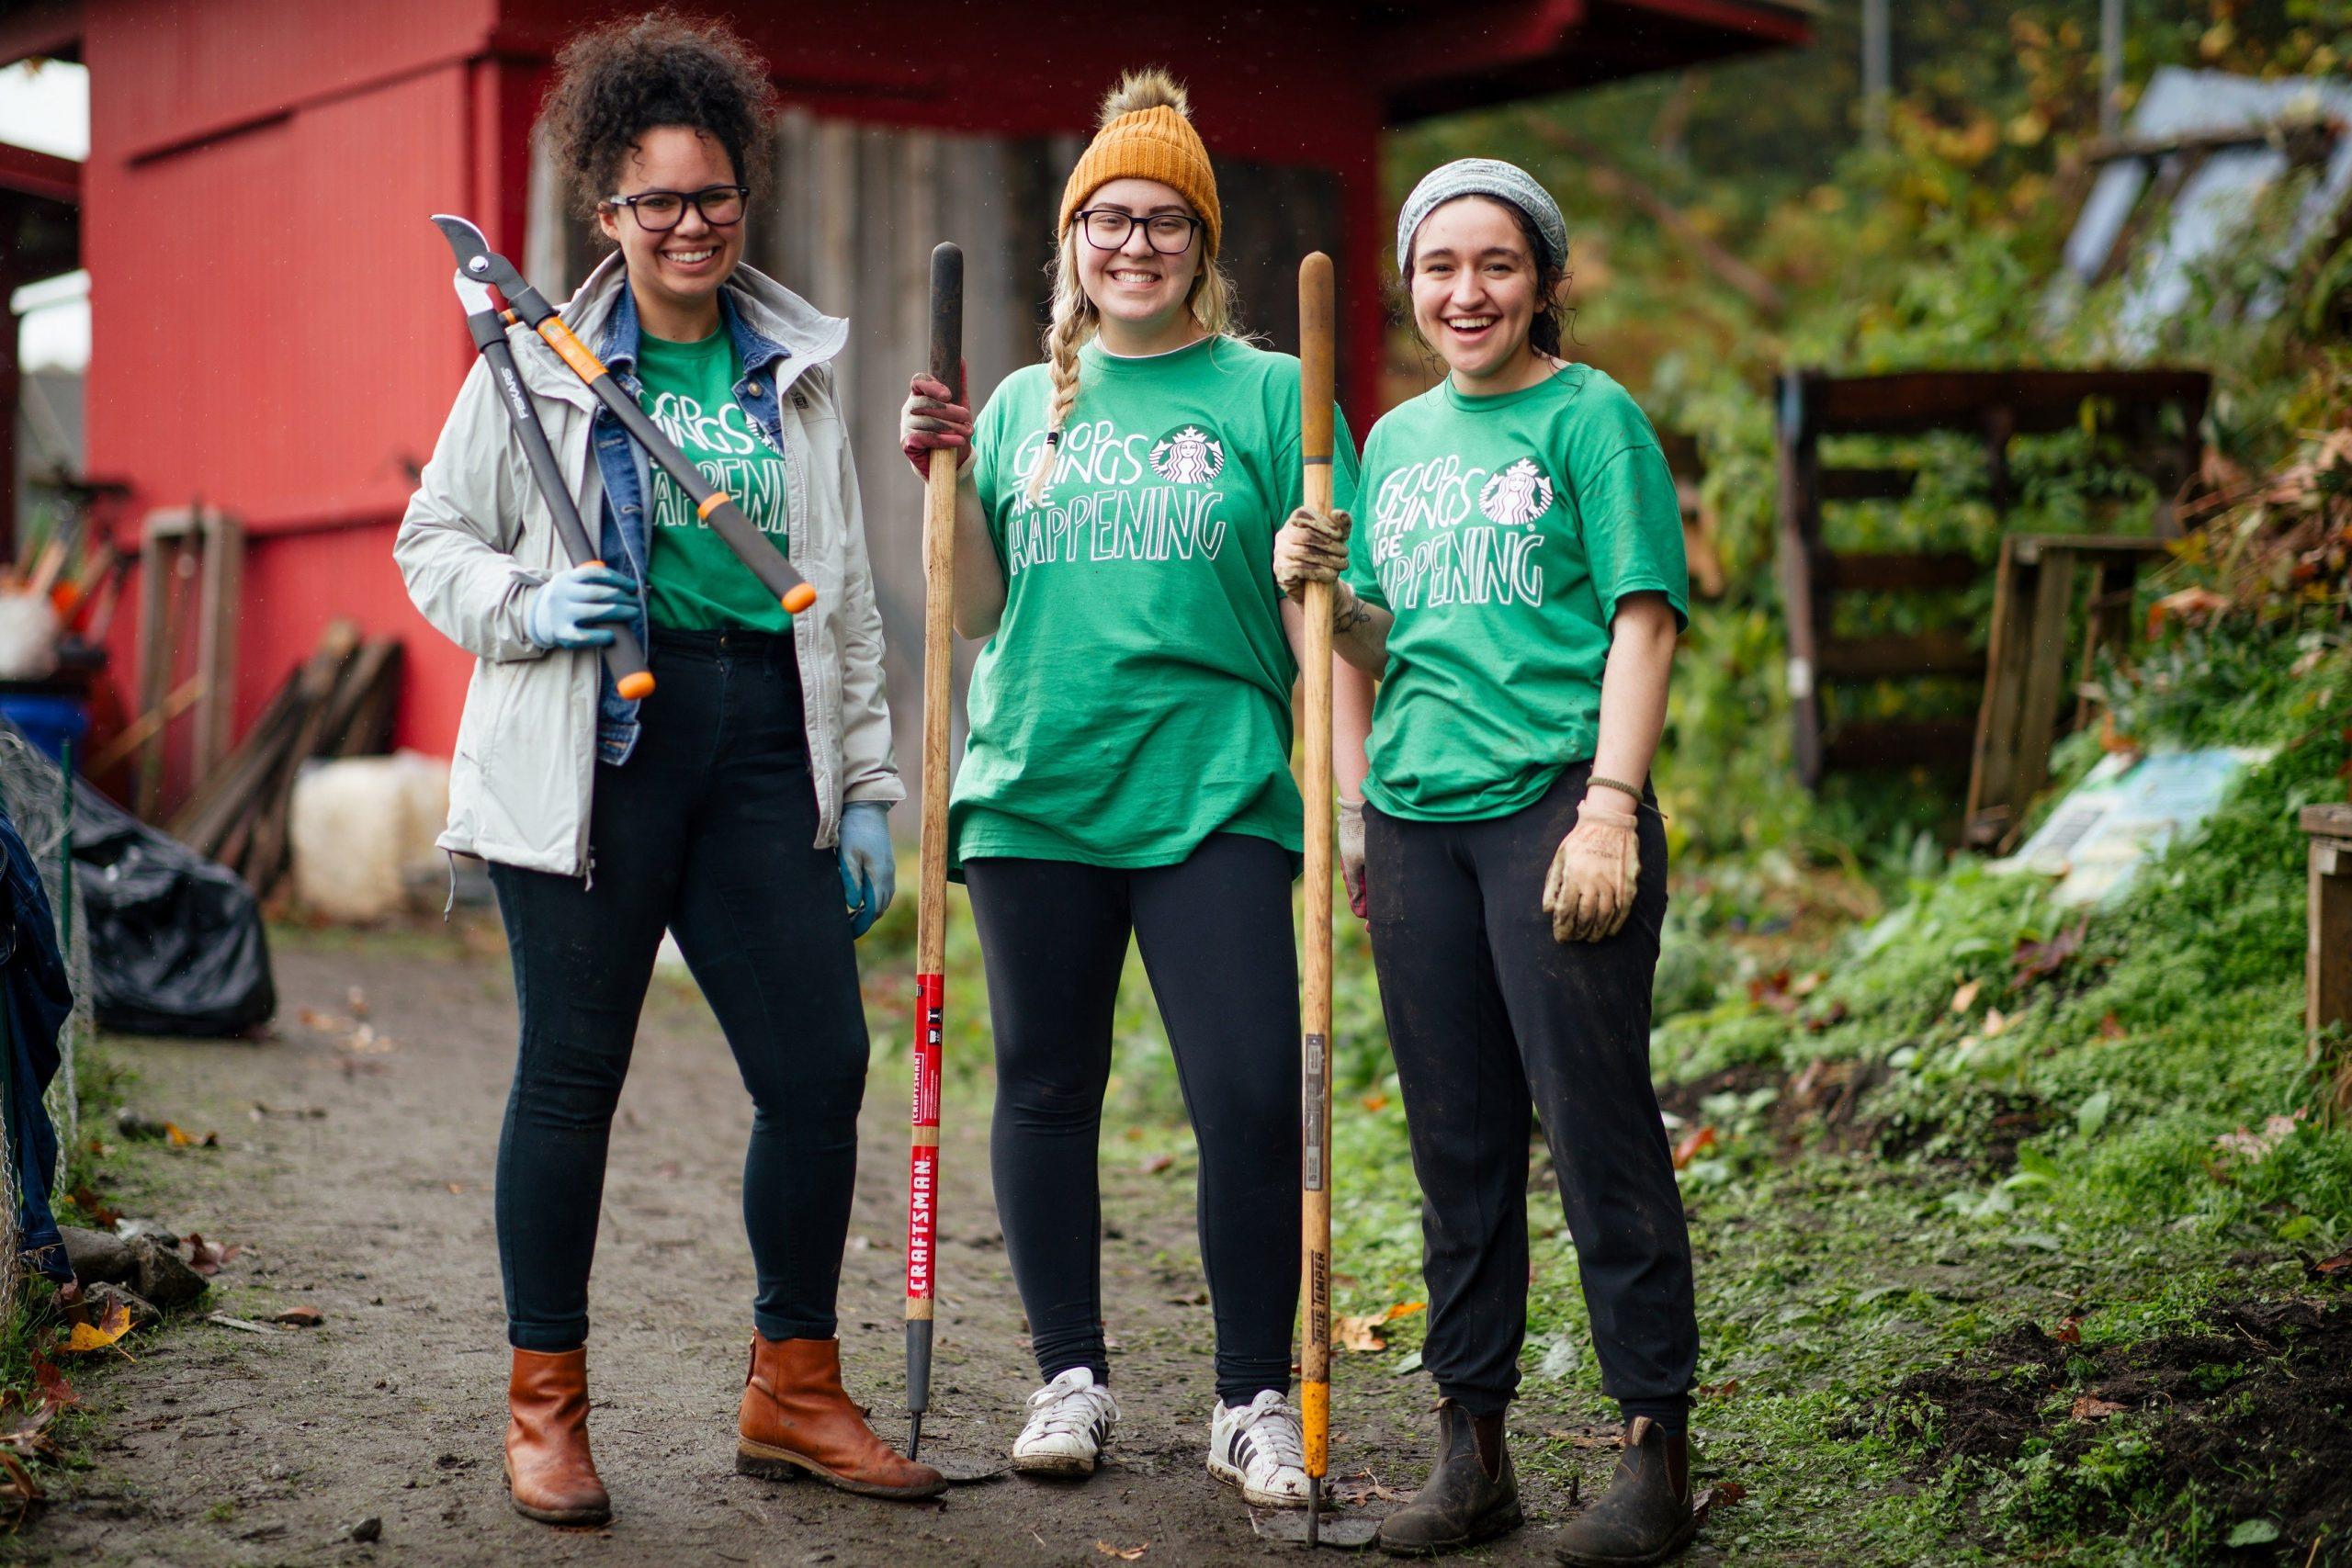 Starbucks And Mcdonald's Collaborate On Reusable Cup Pilot Program @themotleyfool #stocks $mcd $sbux photo